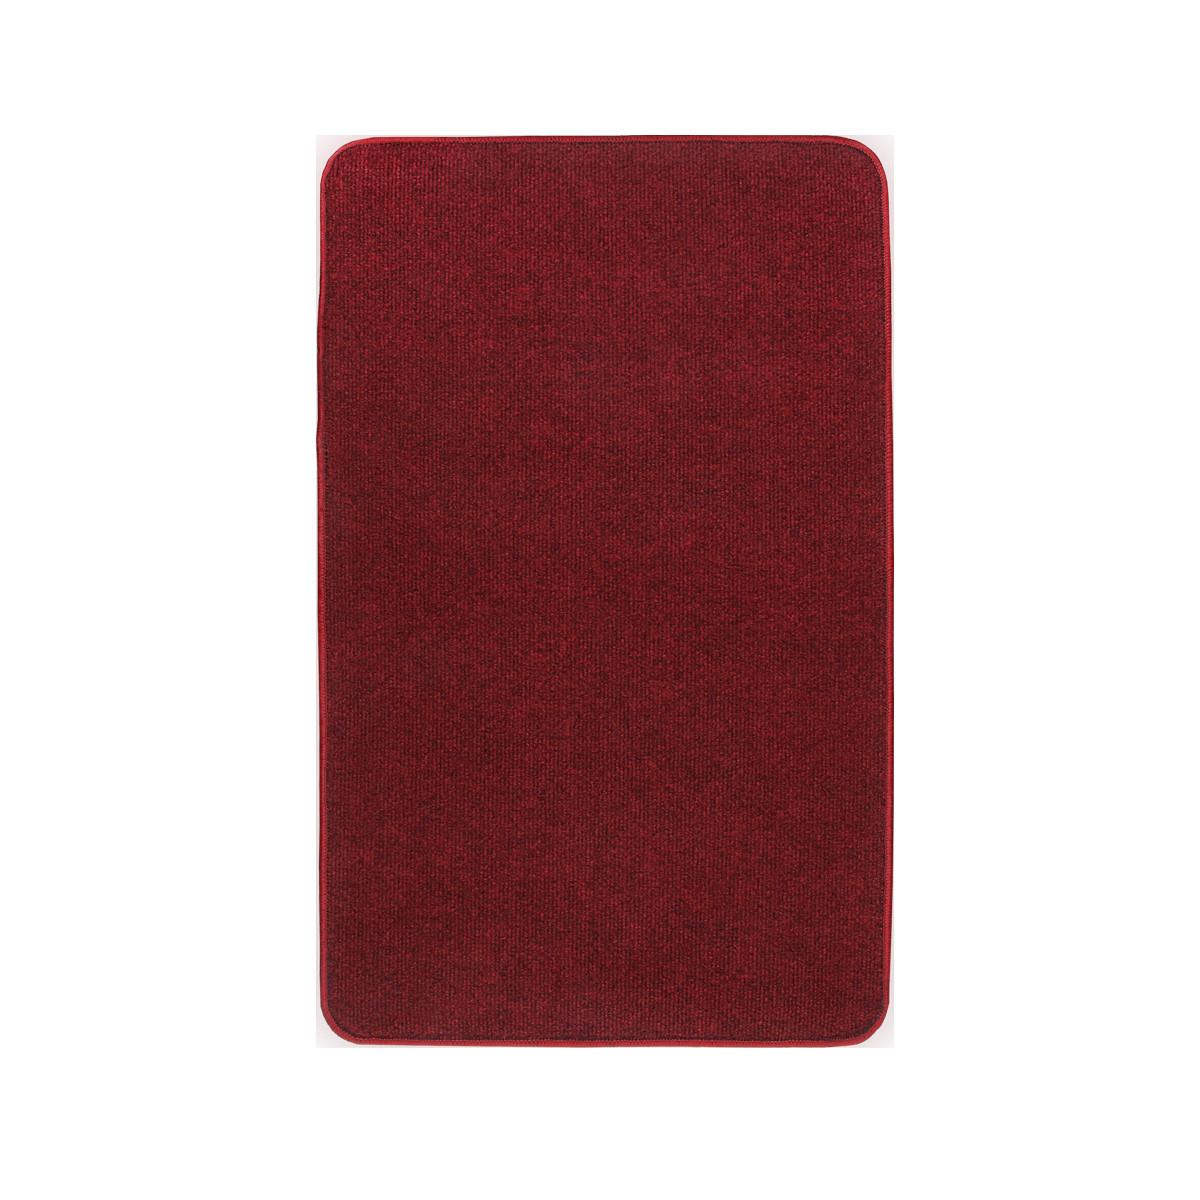 Електричний килимок з підігрівом Теплик двосторонній 50 х 80 см Темно-червоний